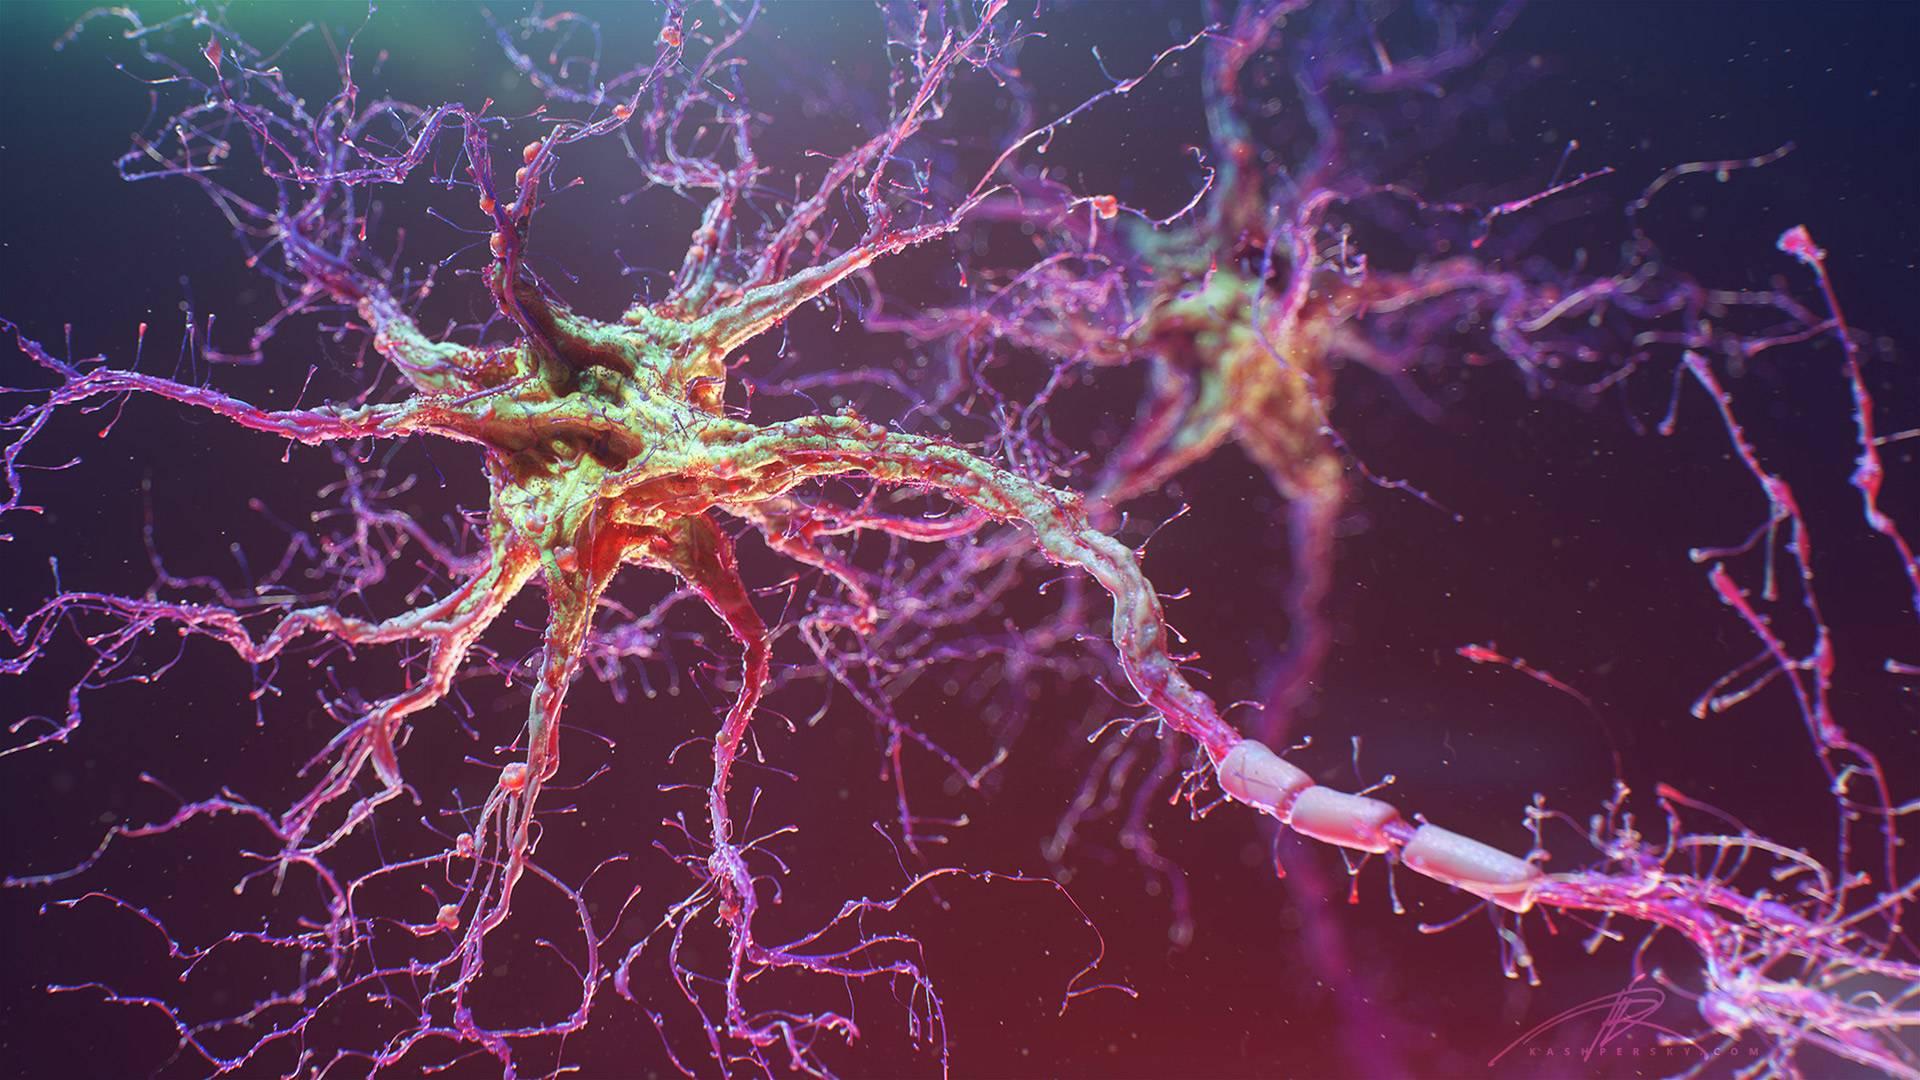 Люминесценция помогает ученым изучать работу отдельных нейронов мозга животных - 1